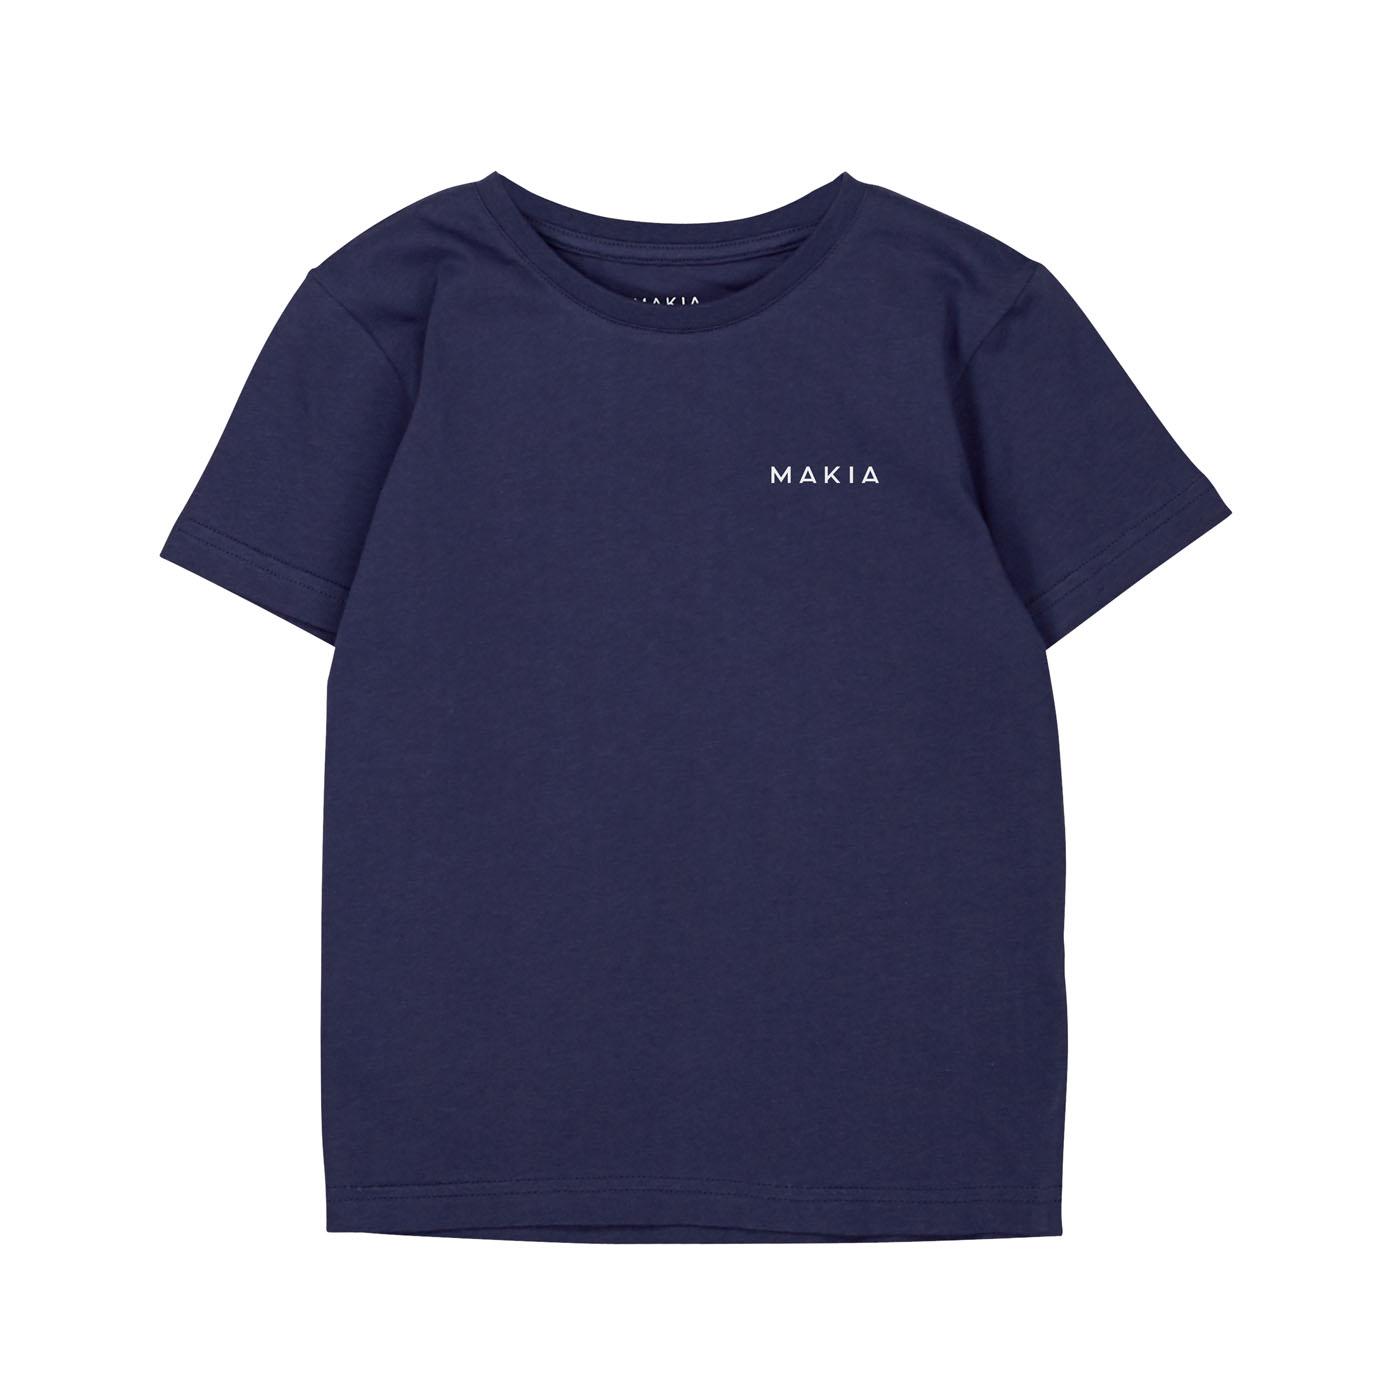 Makia Kids Lasten T-paita, Trim Tummansininen